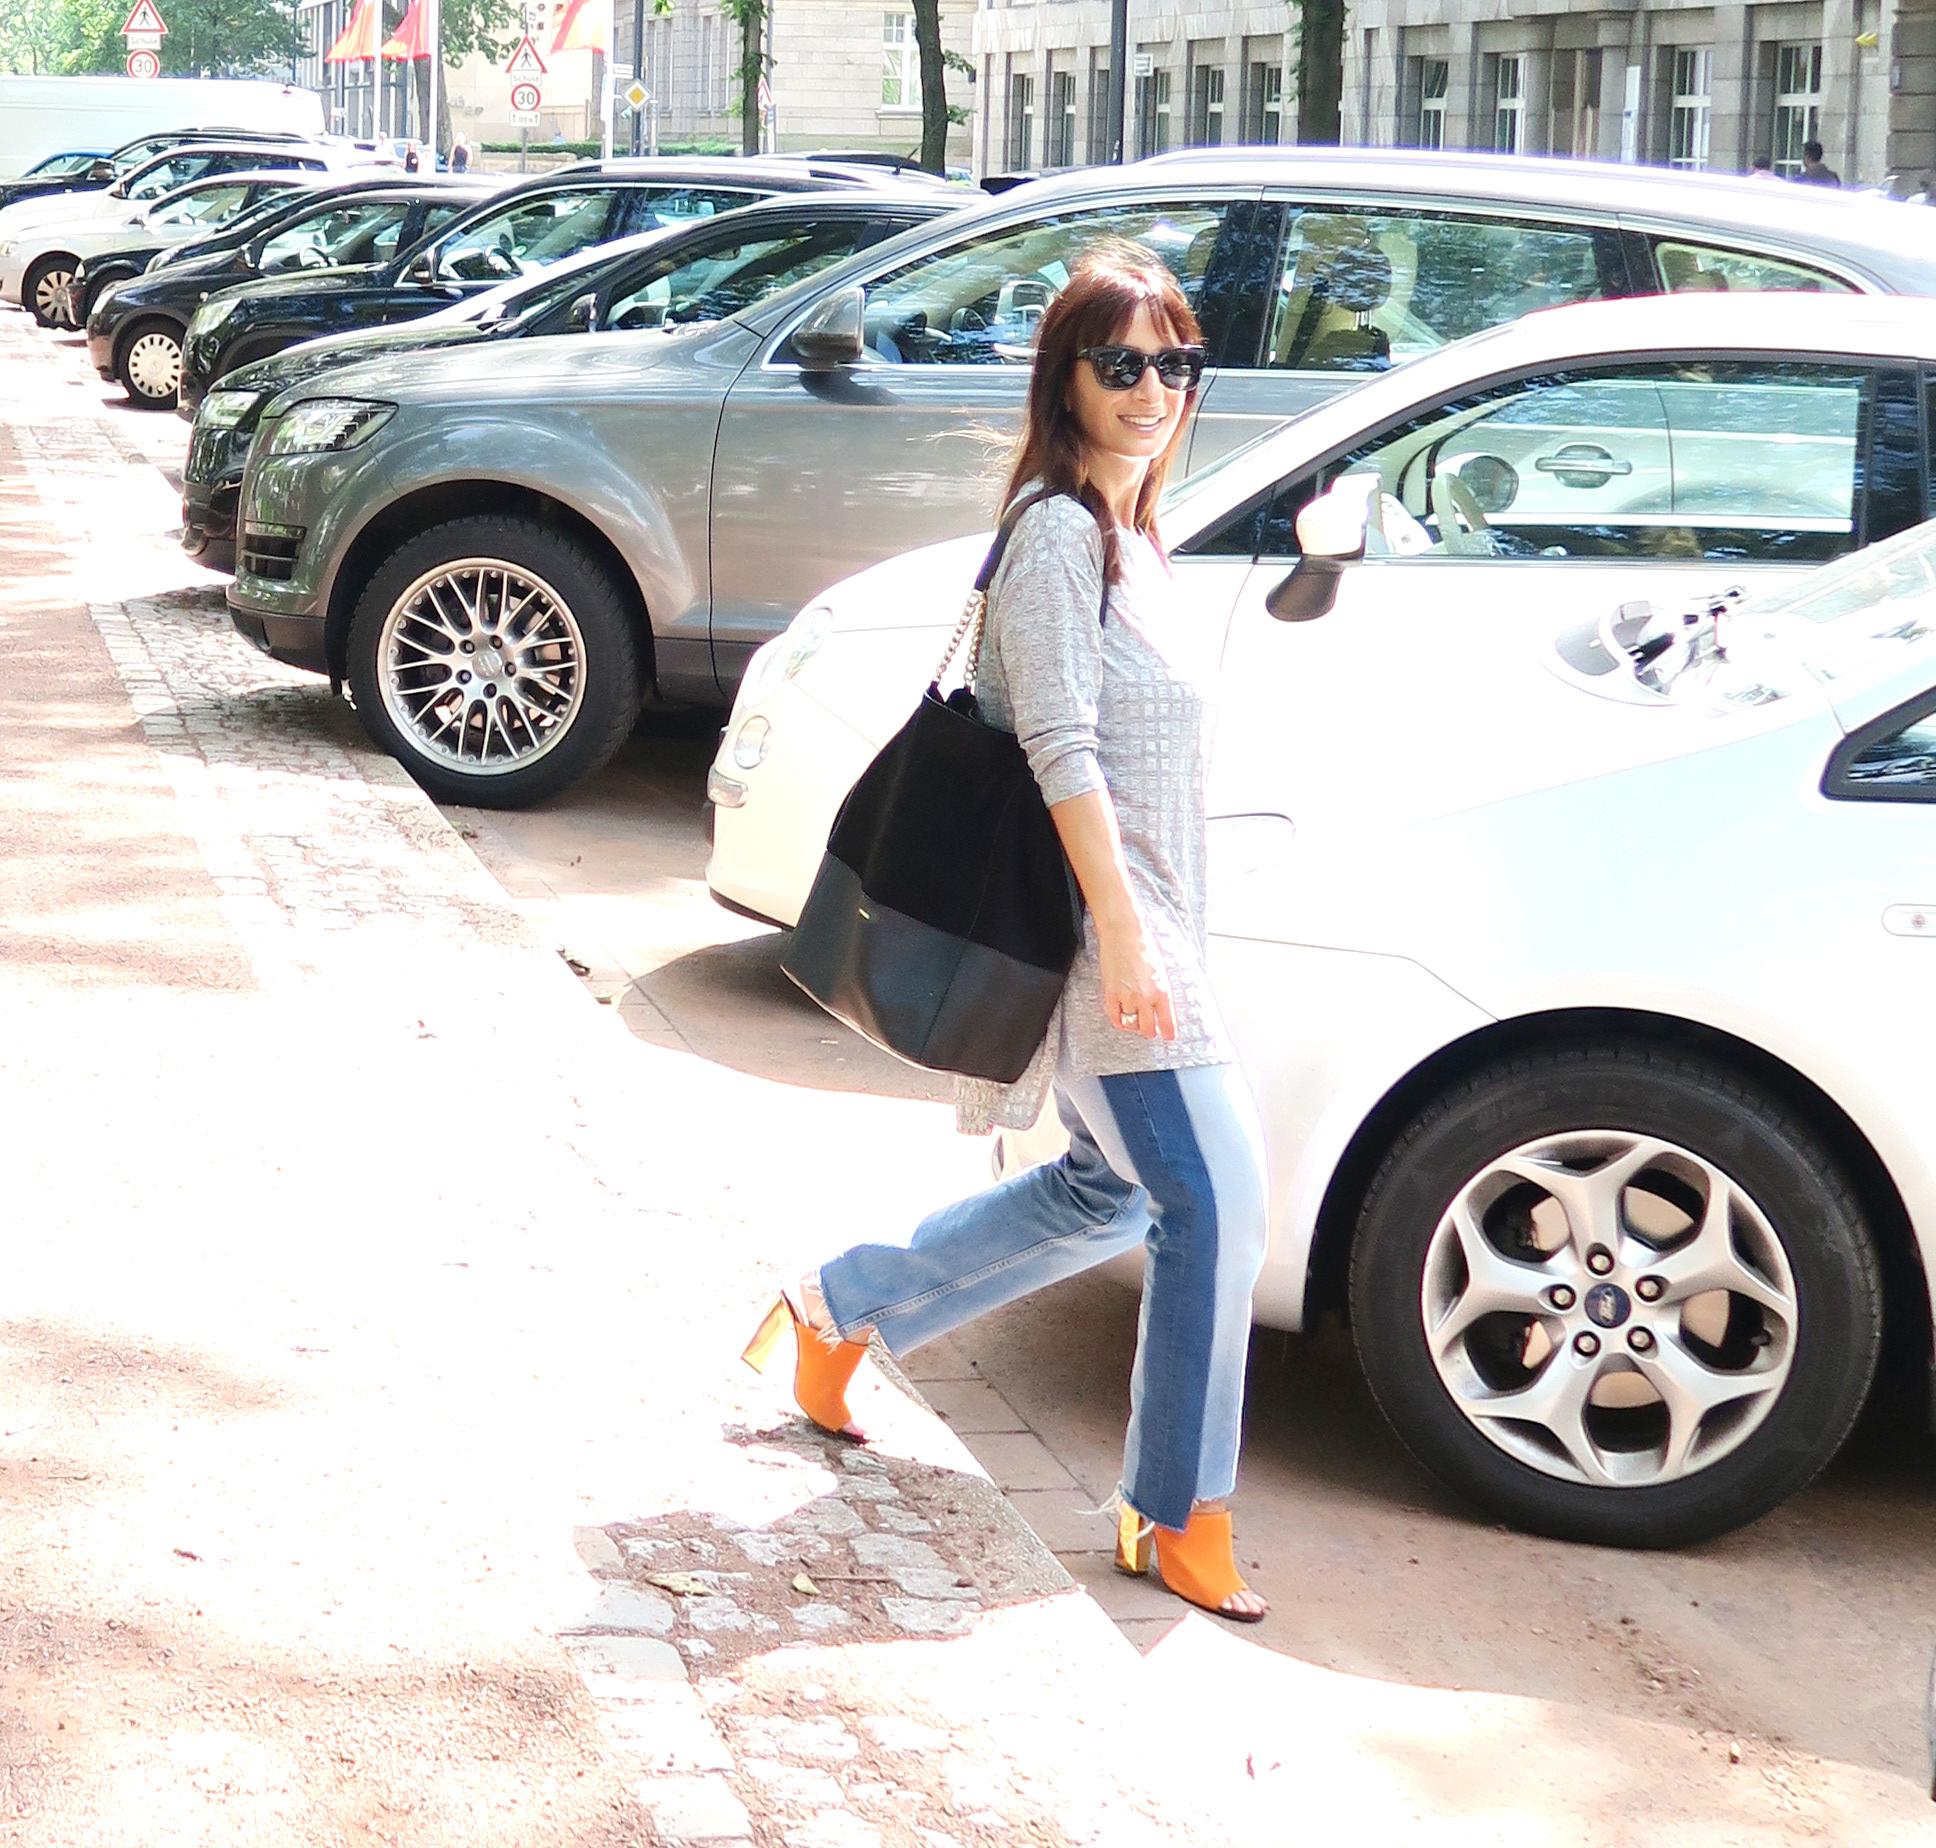 Streetstyle-düsseldorf-paris-blogger-fashionweek-mode-style-mules-trend-modesalat-3